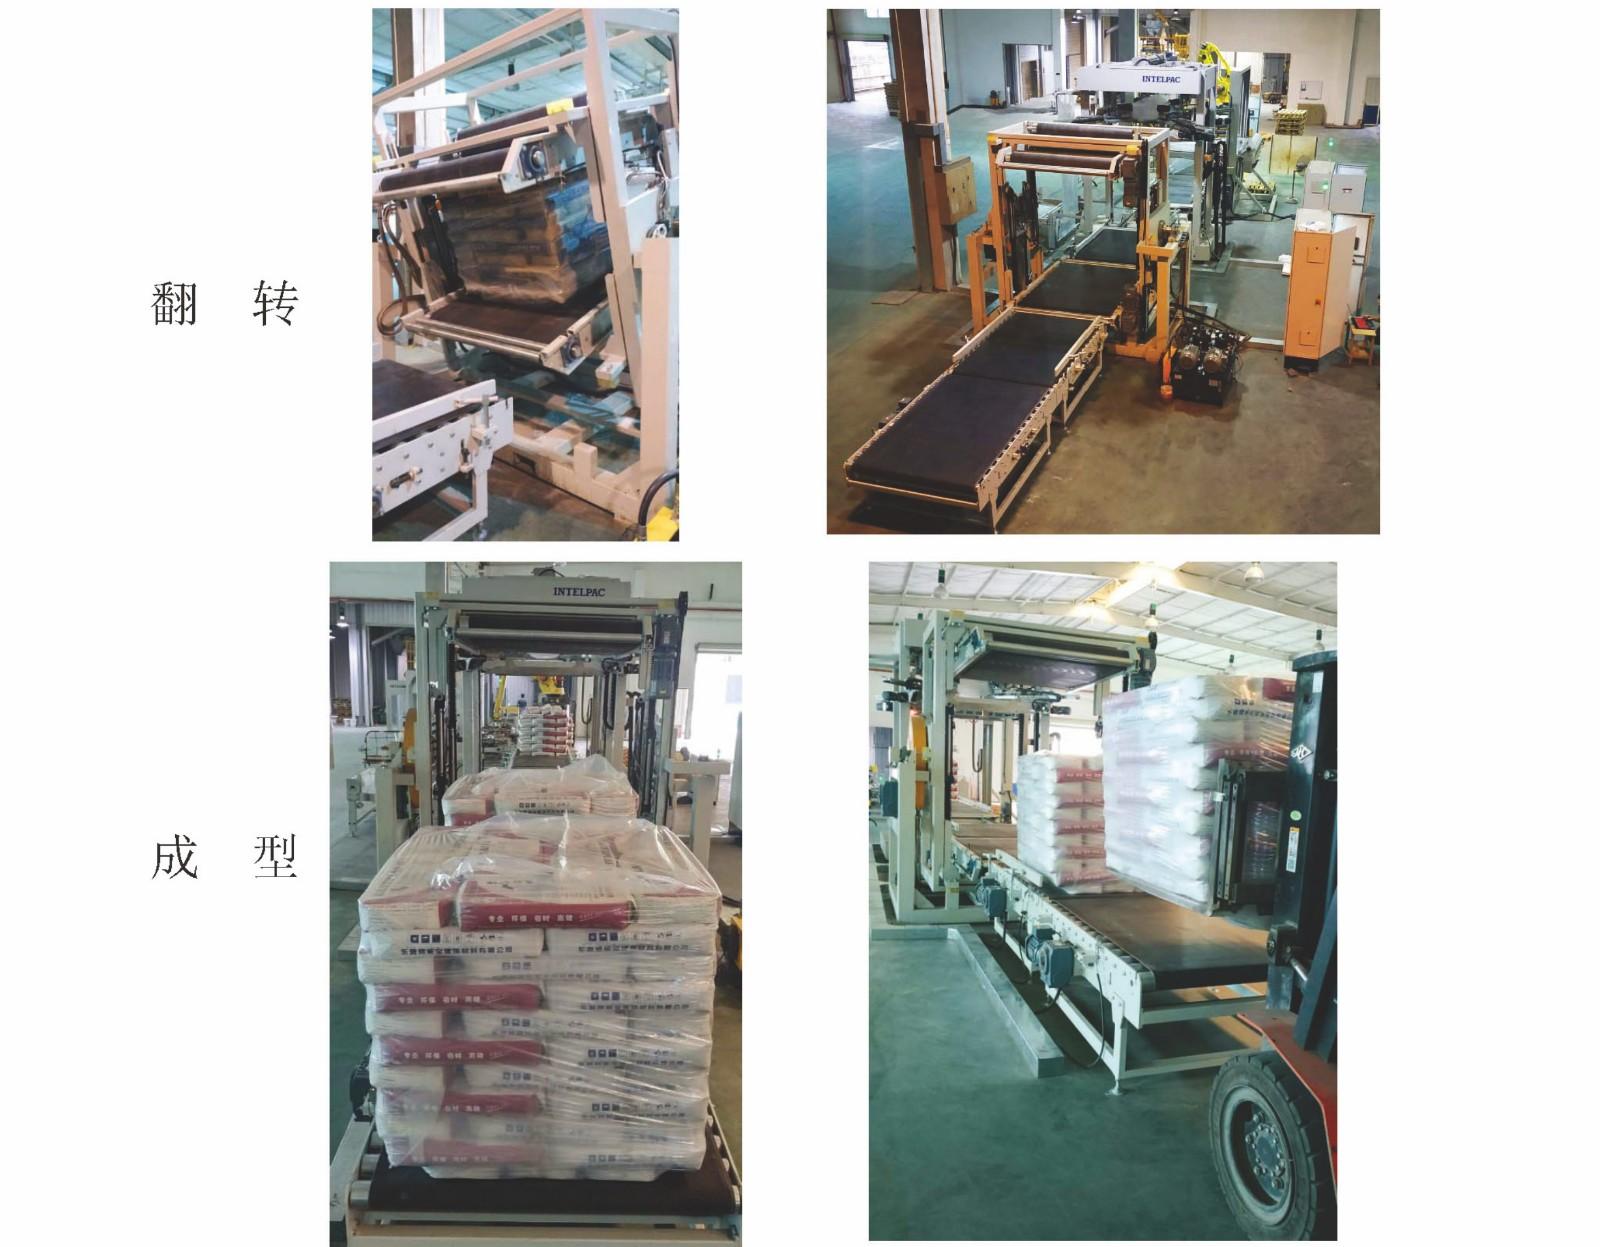 抗裂砂浆生产设备——自动输送.jpg